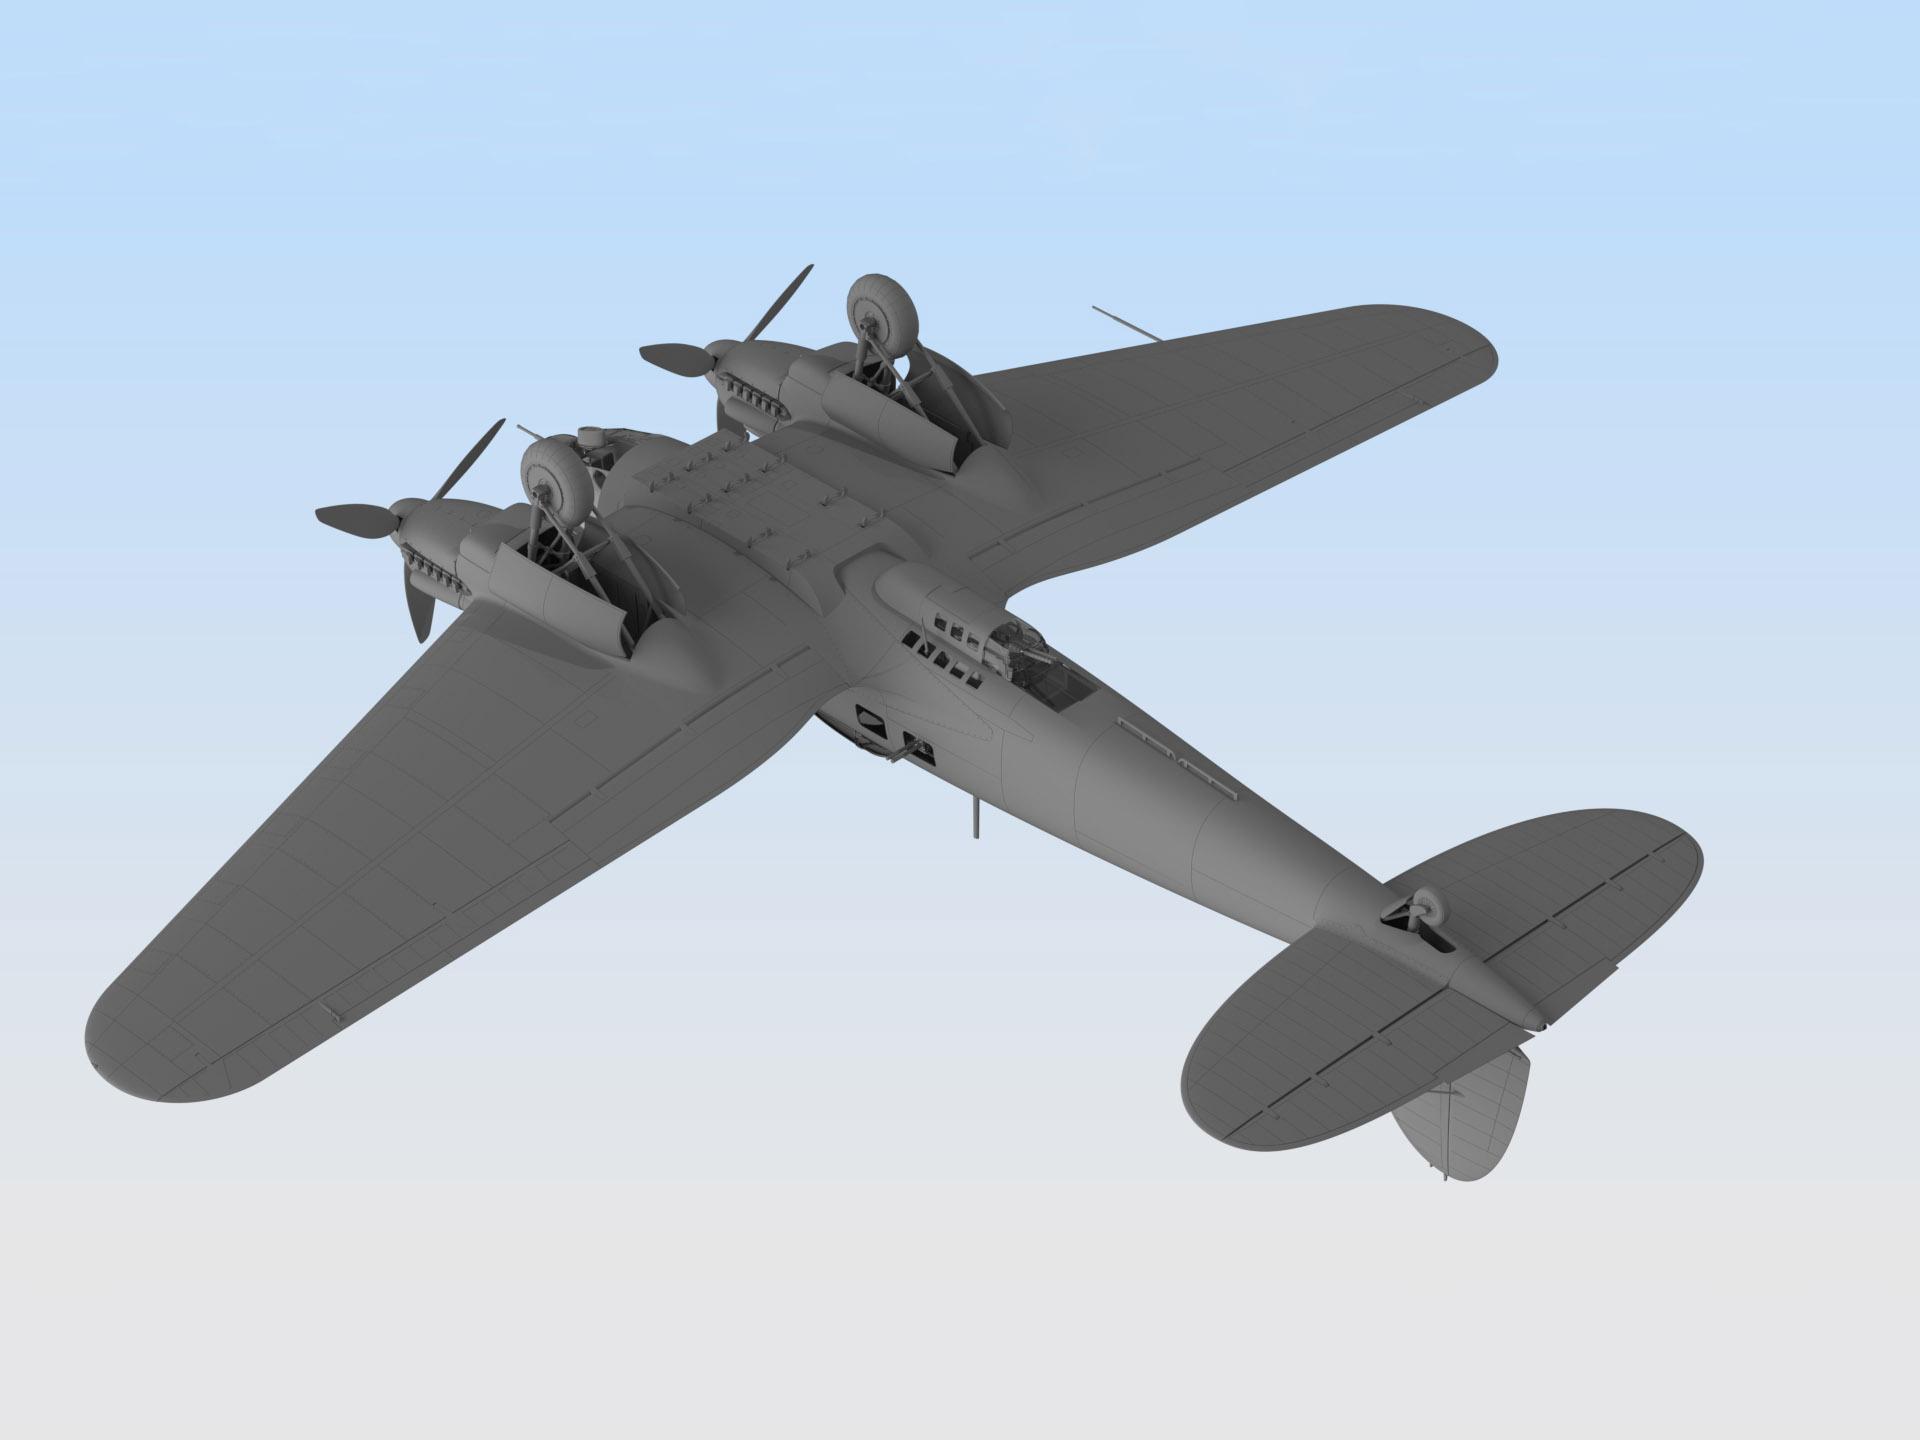 1538381225_heinkel-111-h16-3